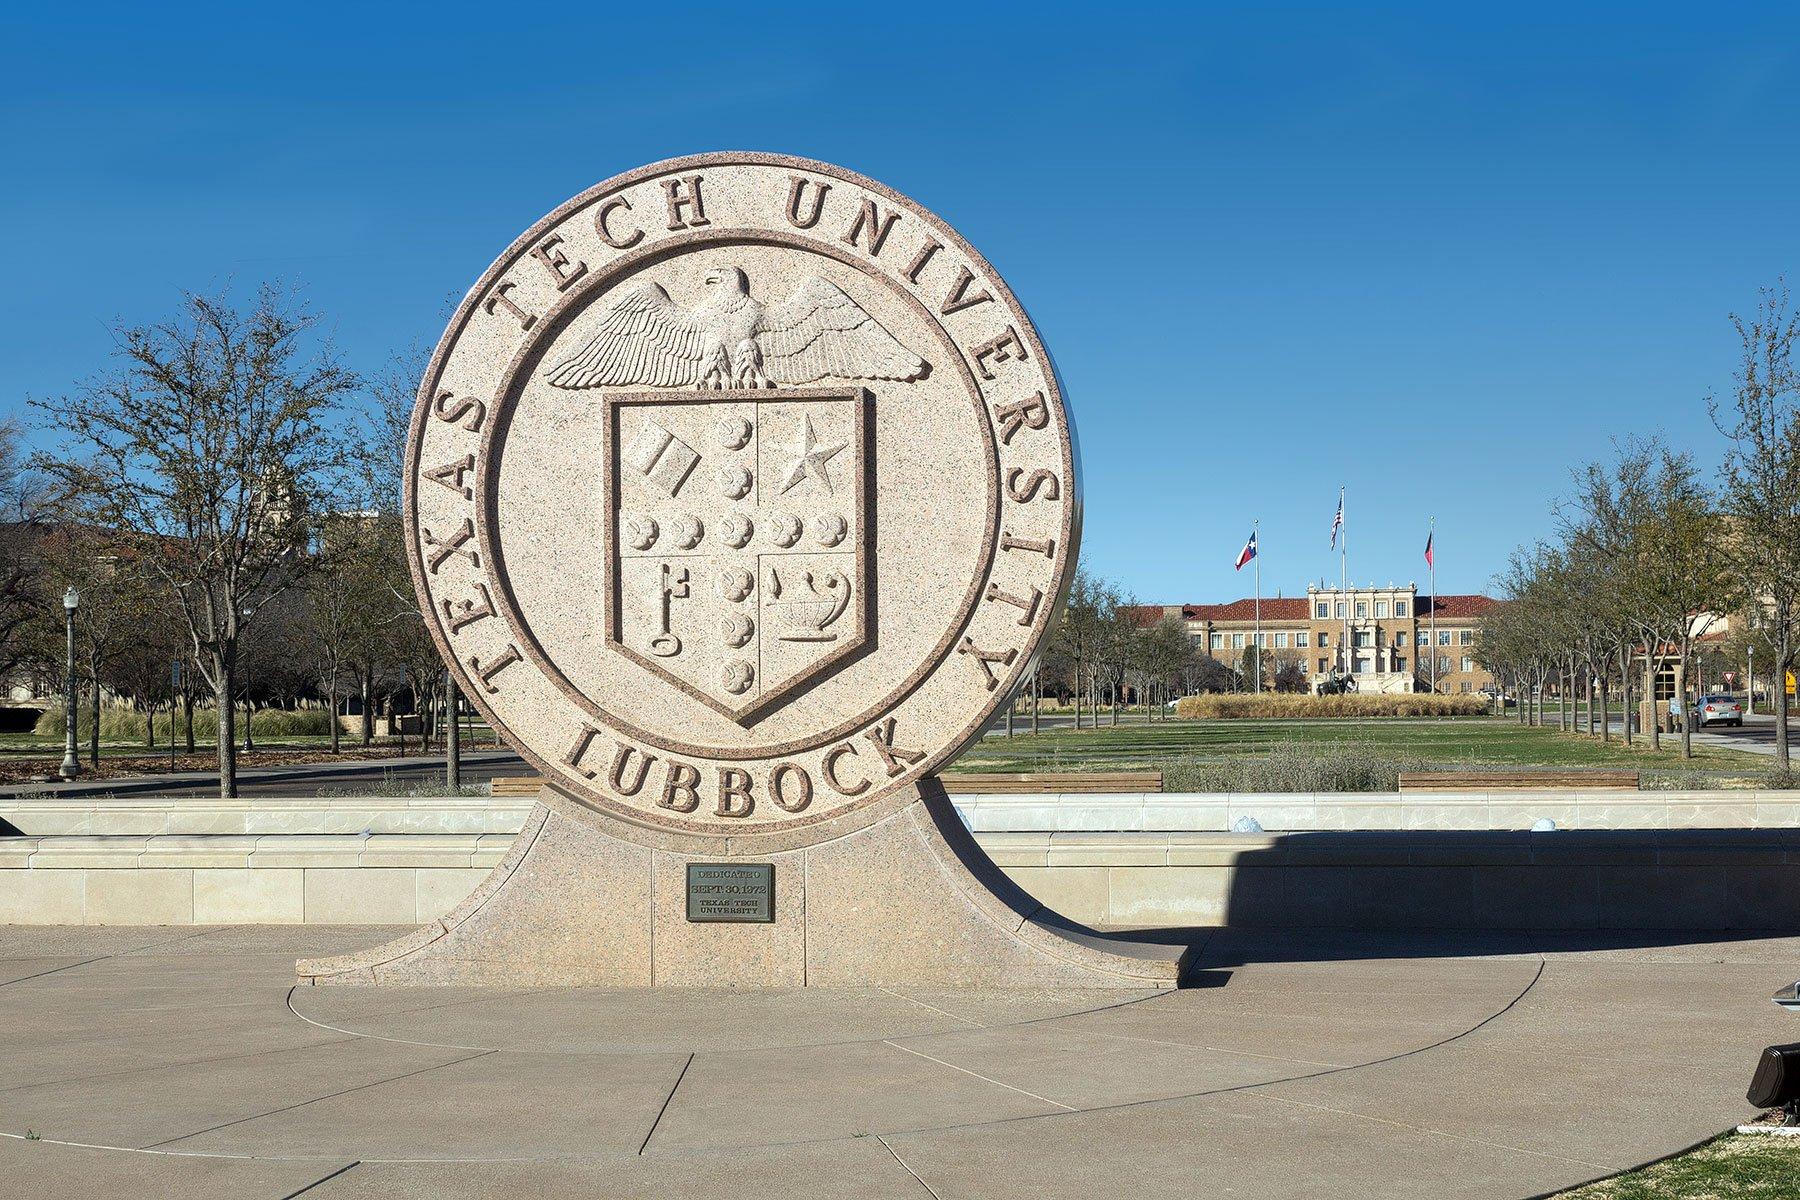 Lubbock, TX